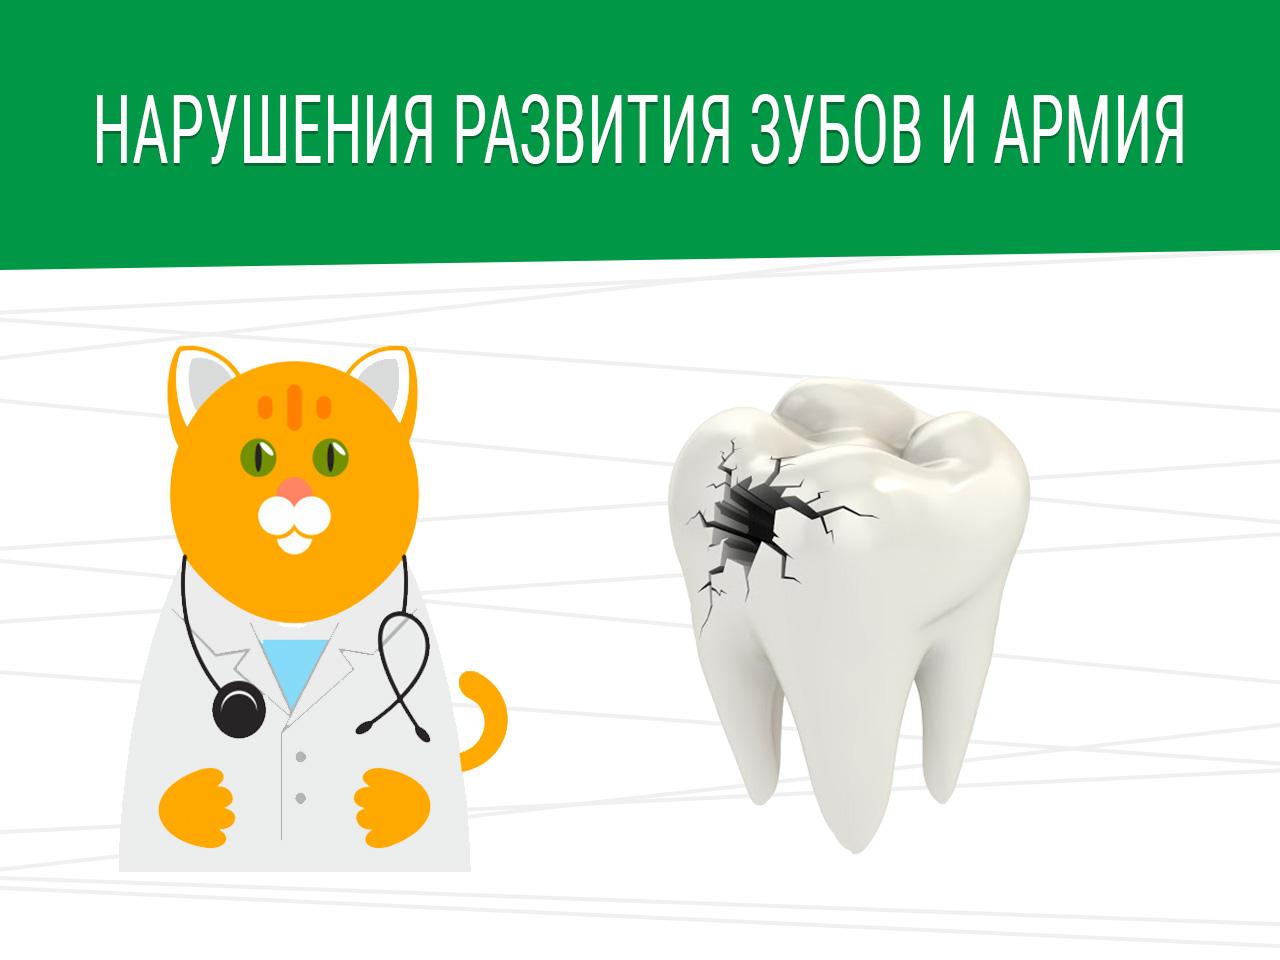 Нарушение развития зубов и армия